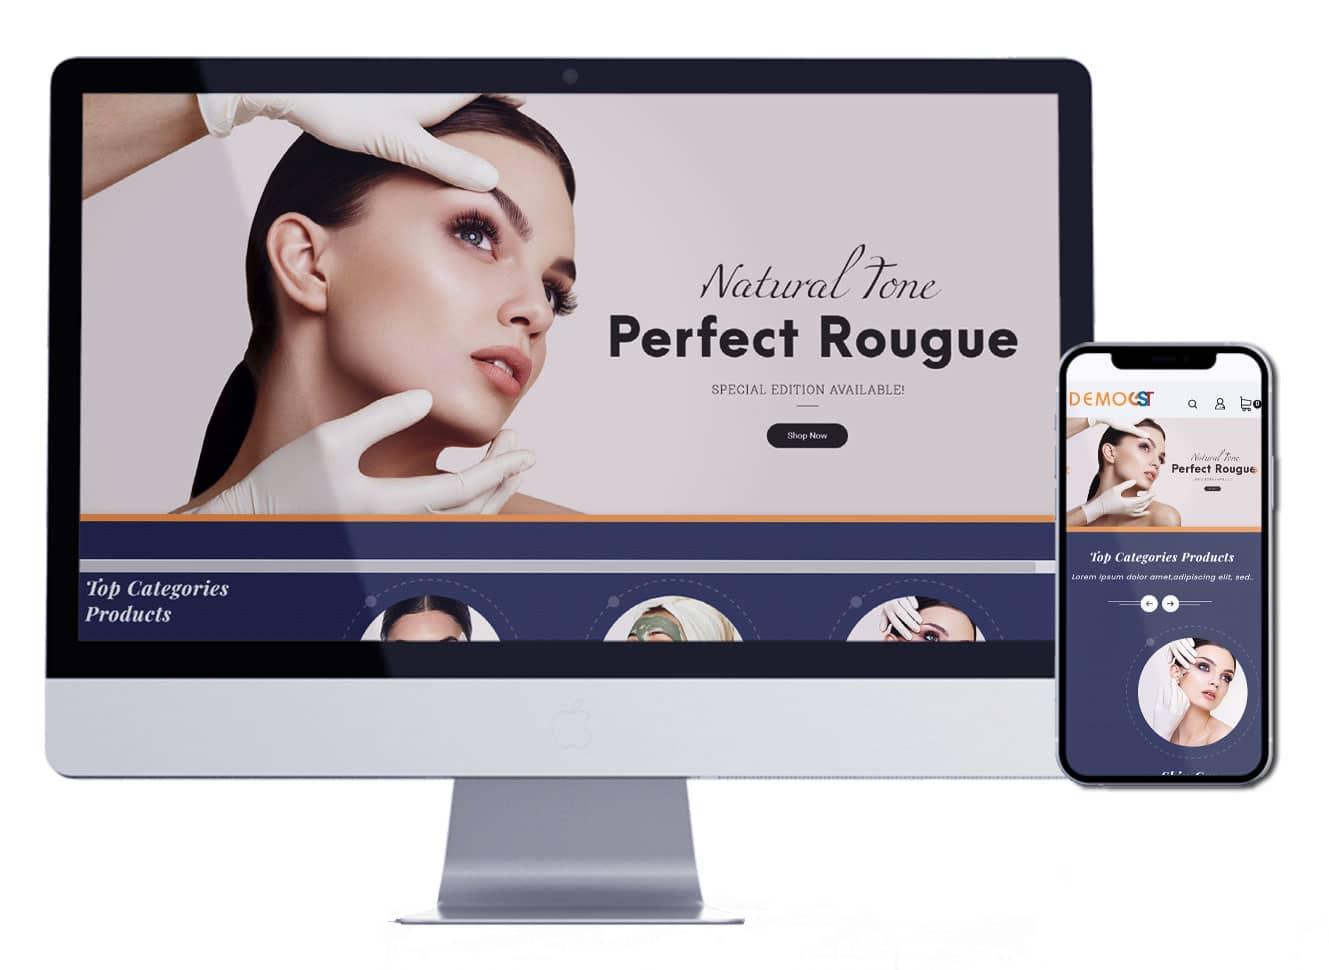 متجر لبيع مستحضرات التجميل | تصميم متجر الكتروني